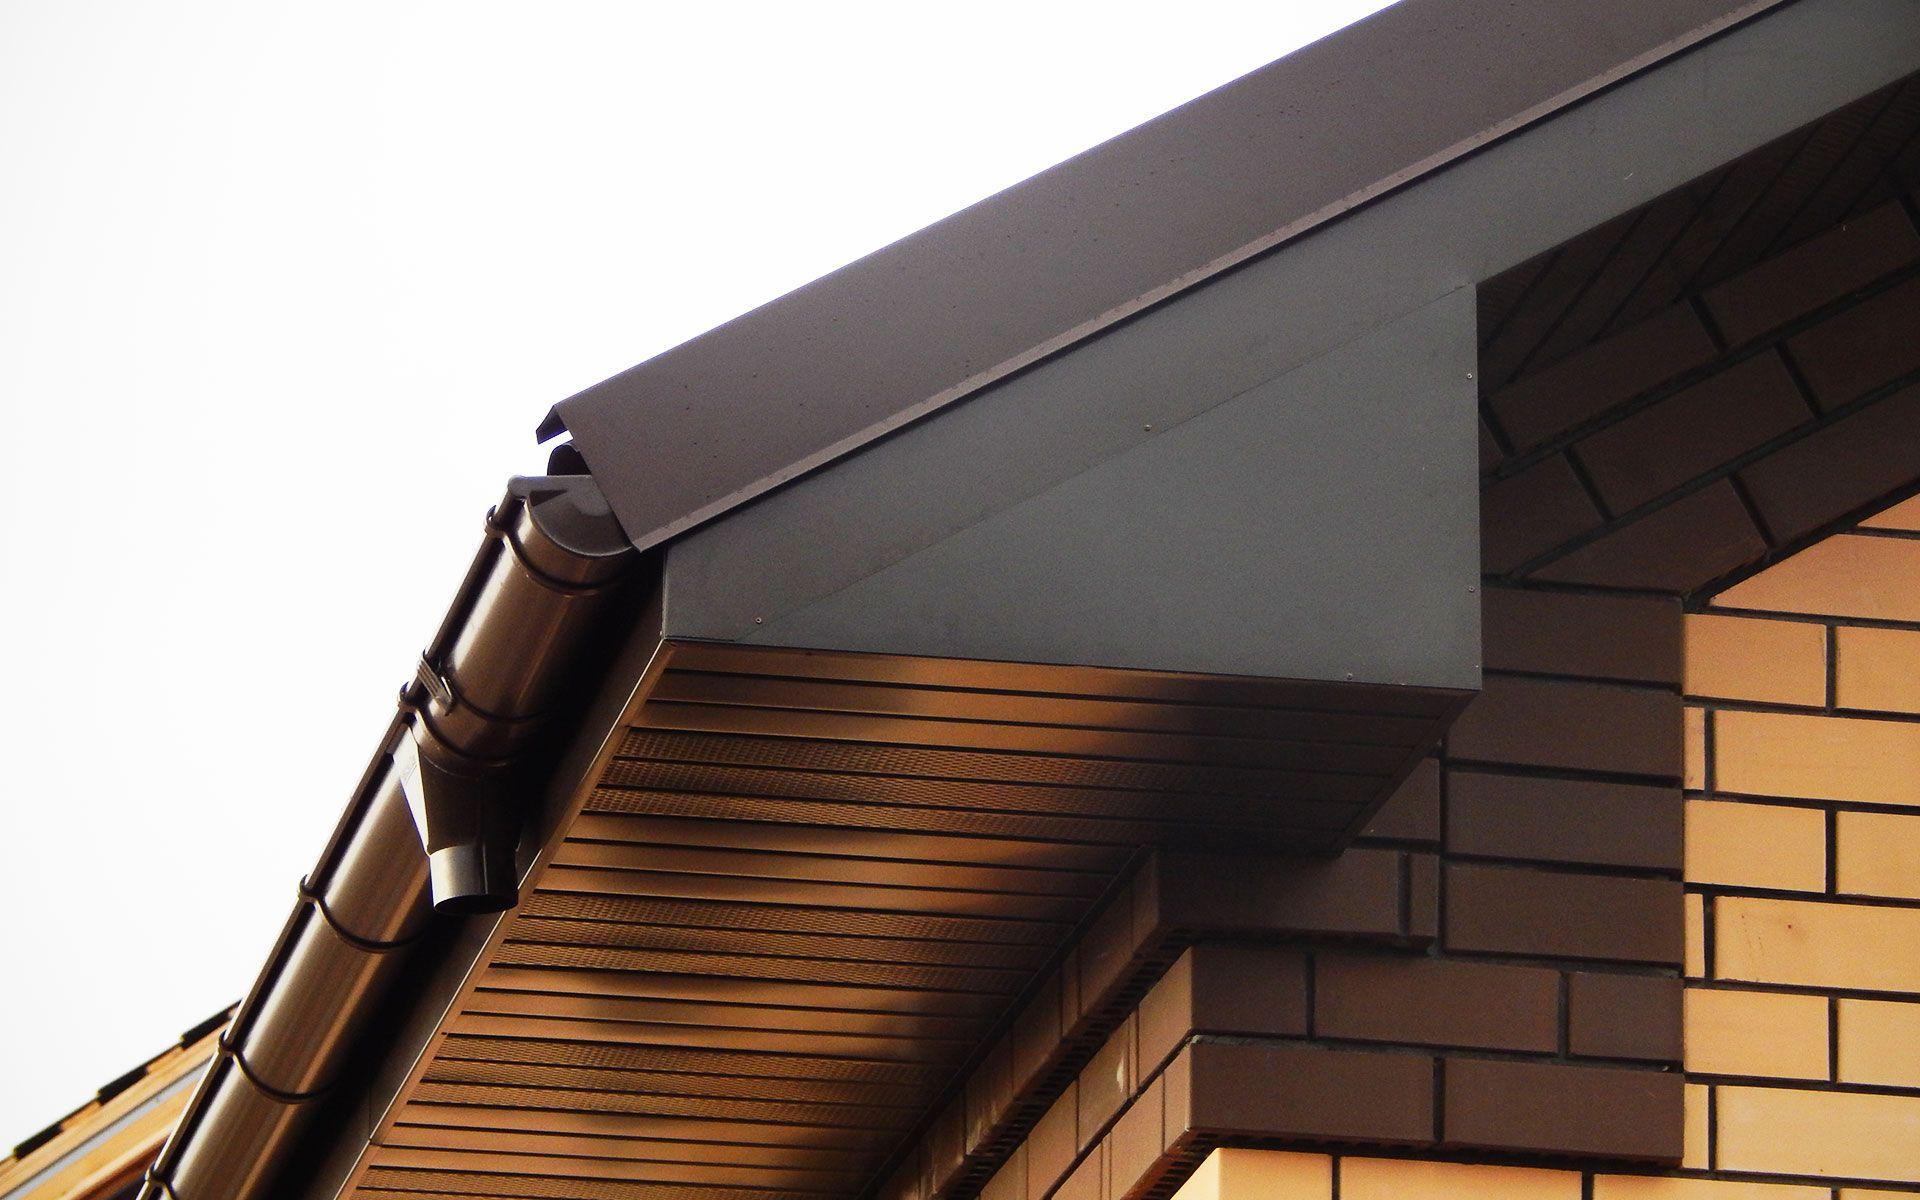 Софиты для крыши картинки имеющейся площадью